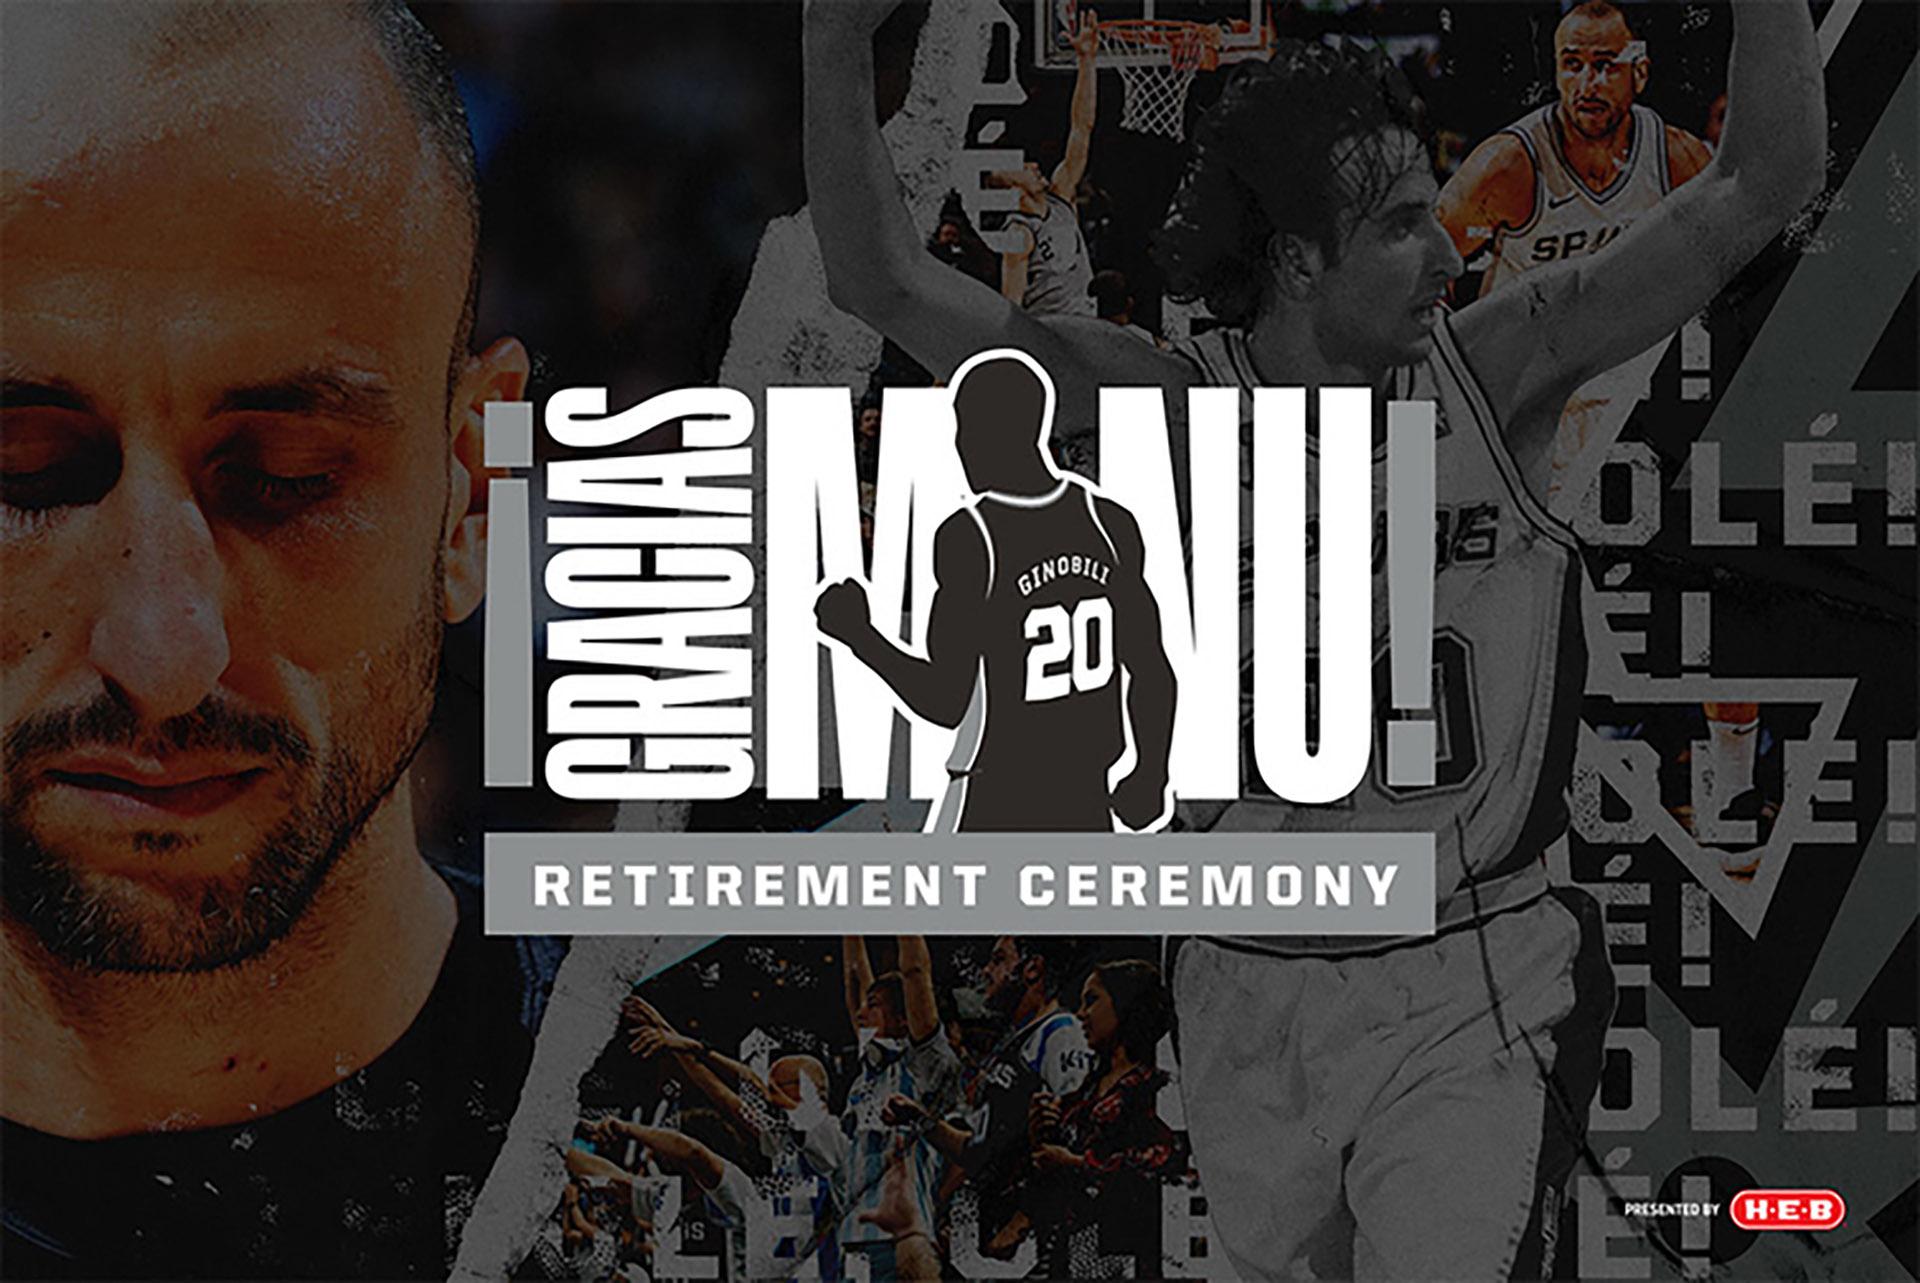 El 28 de marzo, ante Cleveland Cavaliers, San Antonio Spurs retirará la número 20 de Manu Ginóbili